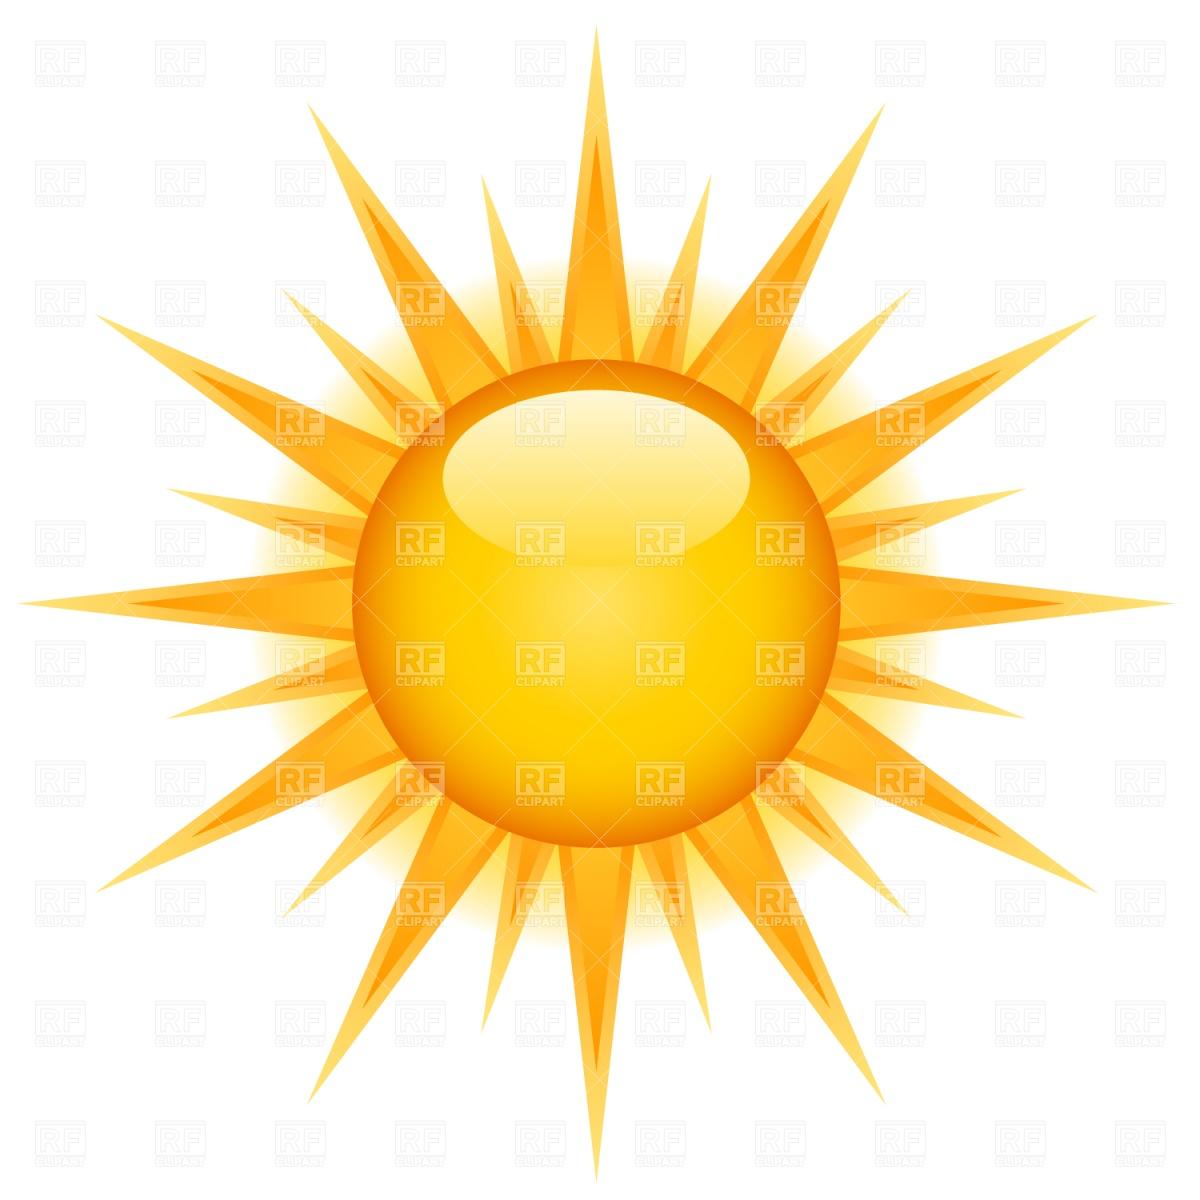 Sun images clip art - ClipartFest-Sun images clip art - ClipartFest-14